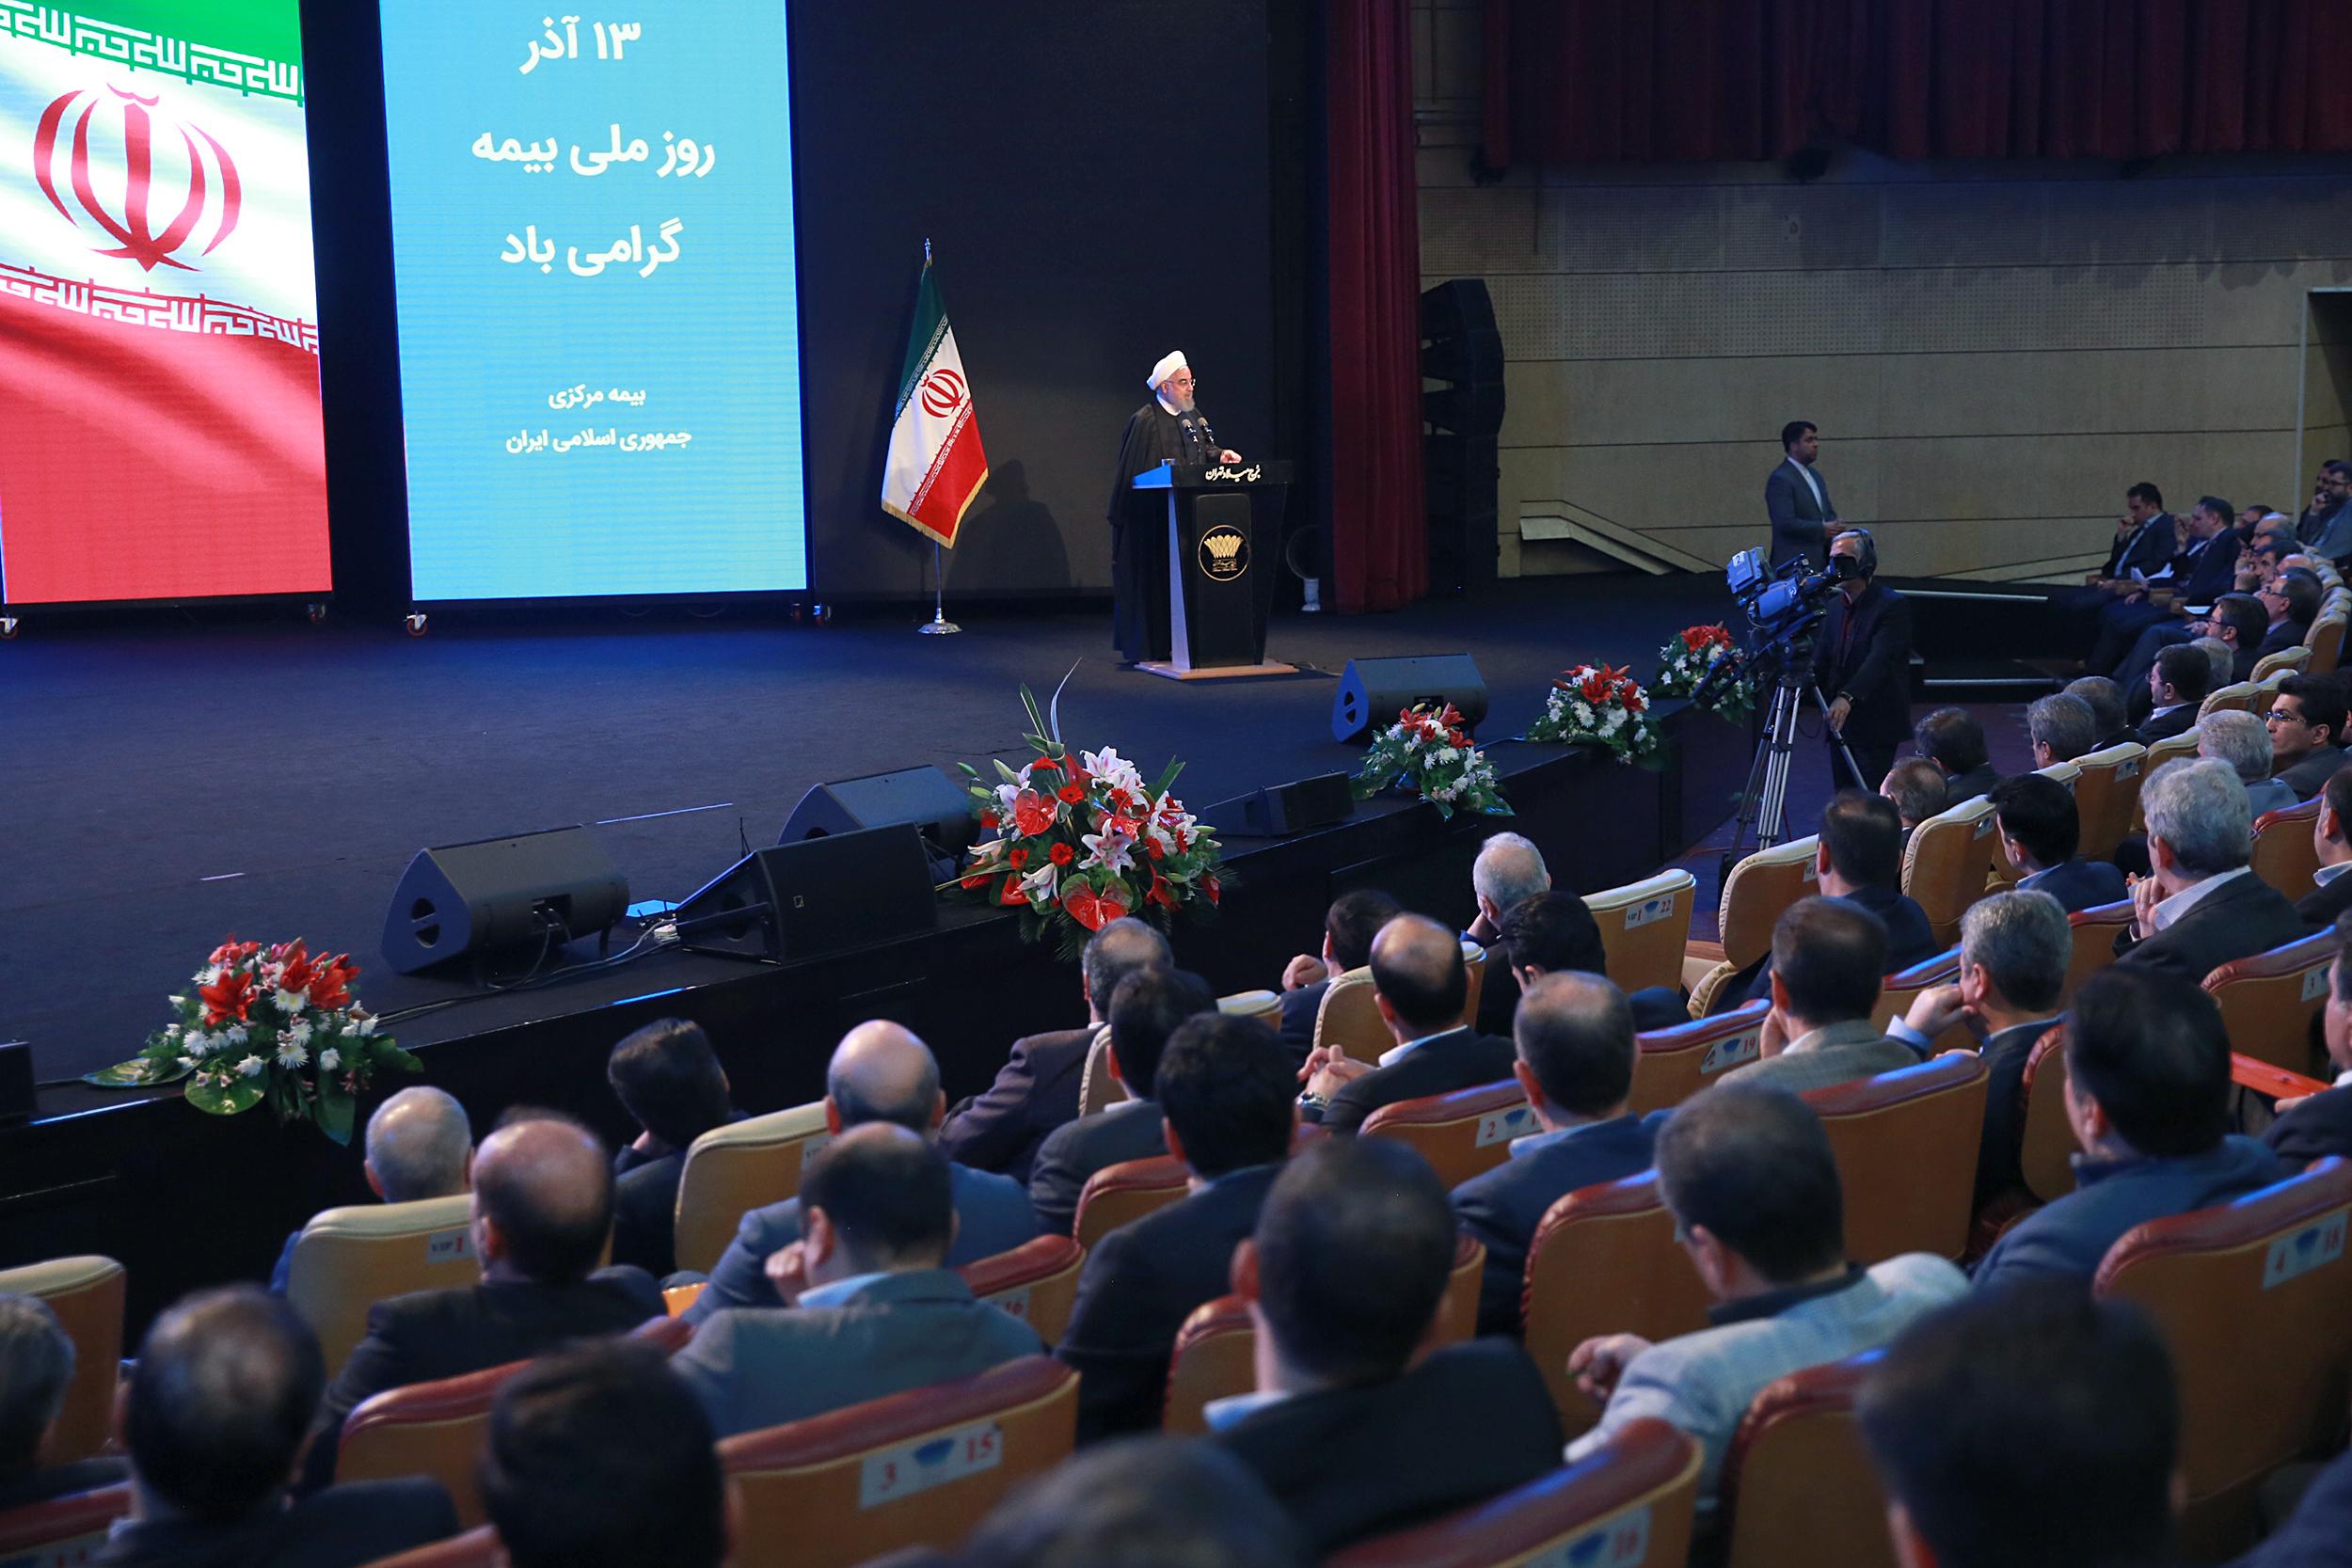 روحانی:ماهیت بیمه، ماهیت امنیت بخشی به جامعه است/برای حفظ برجام سختیهای زیادی متحمل شدیم